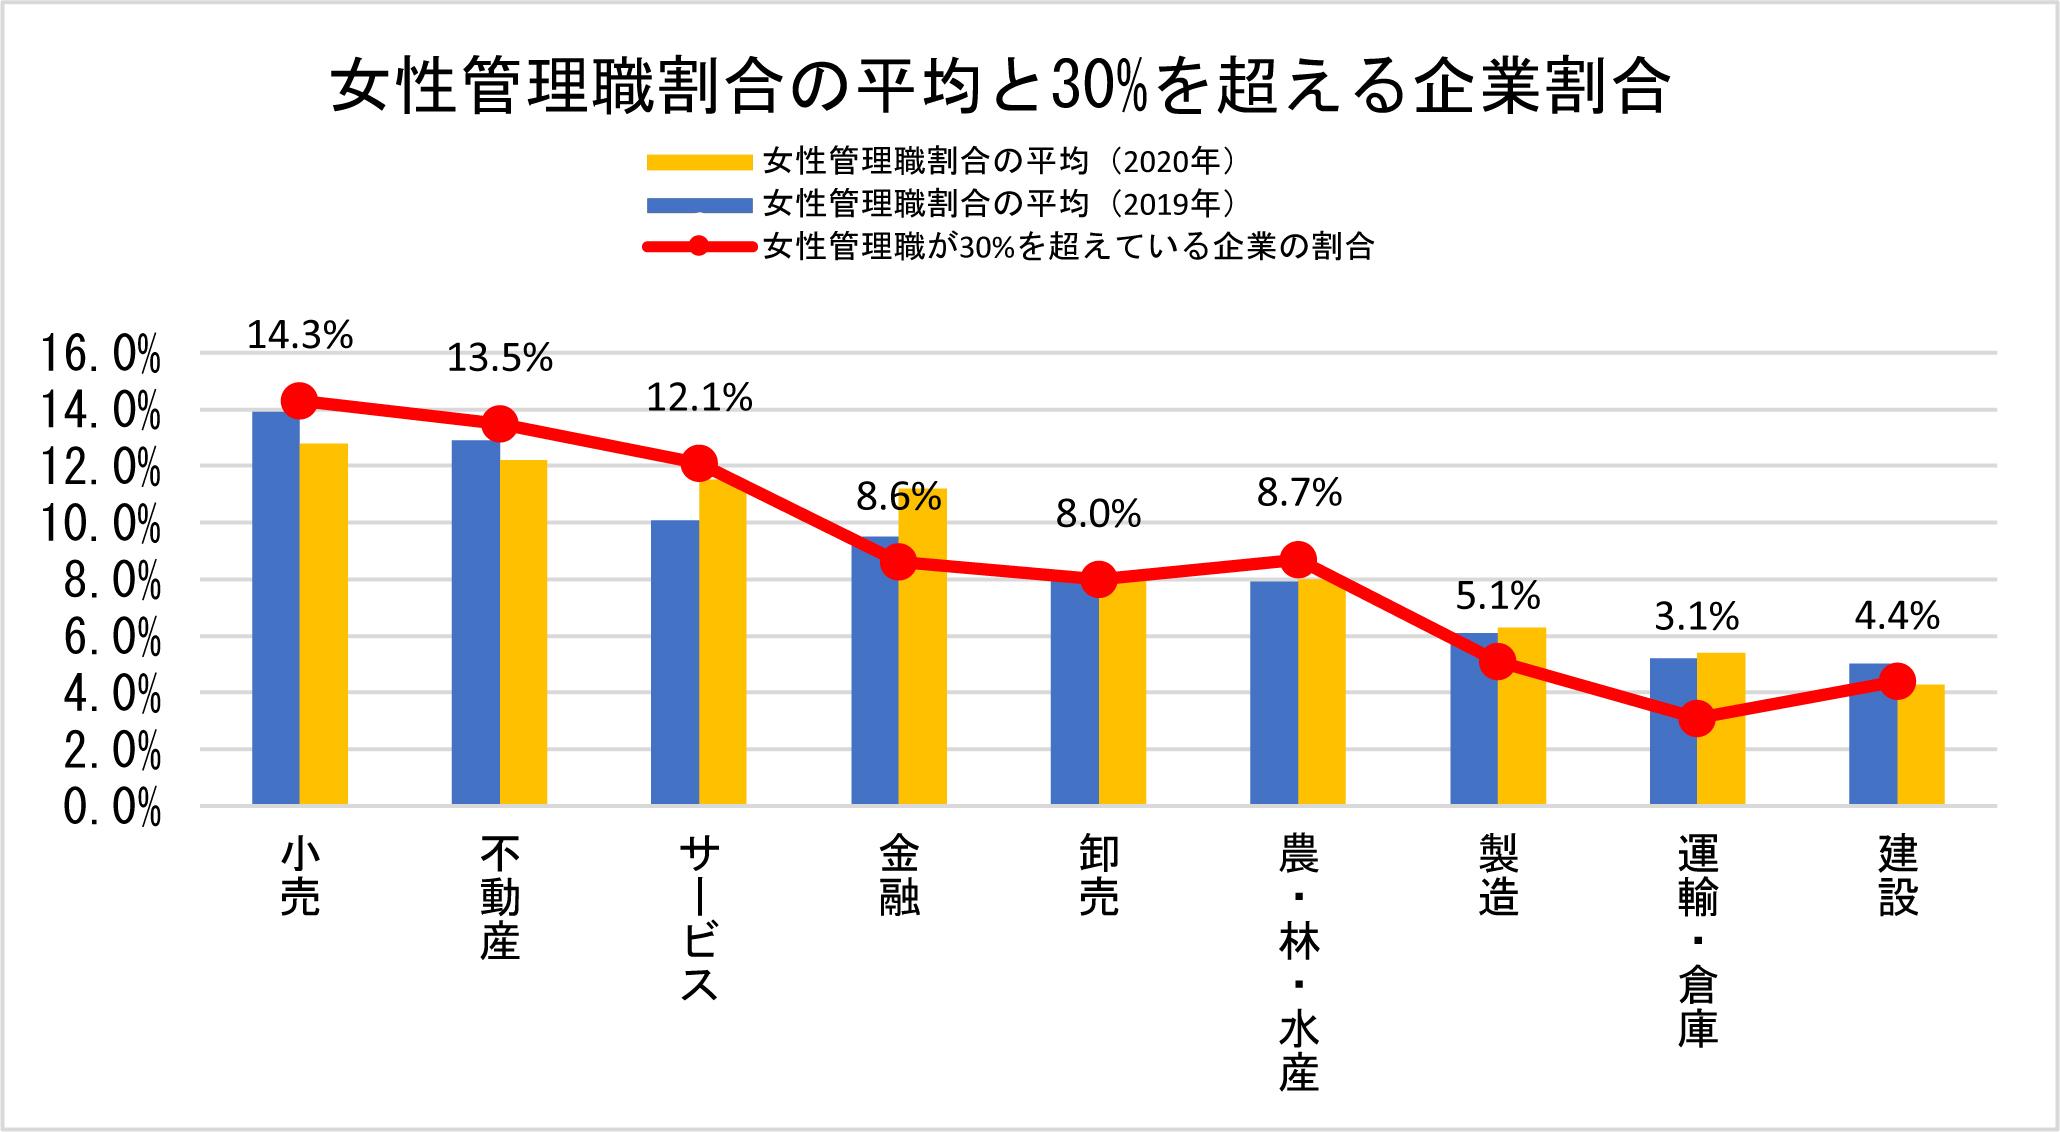 女性管理職割合の平均_re